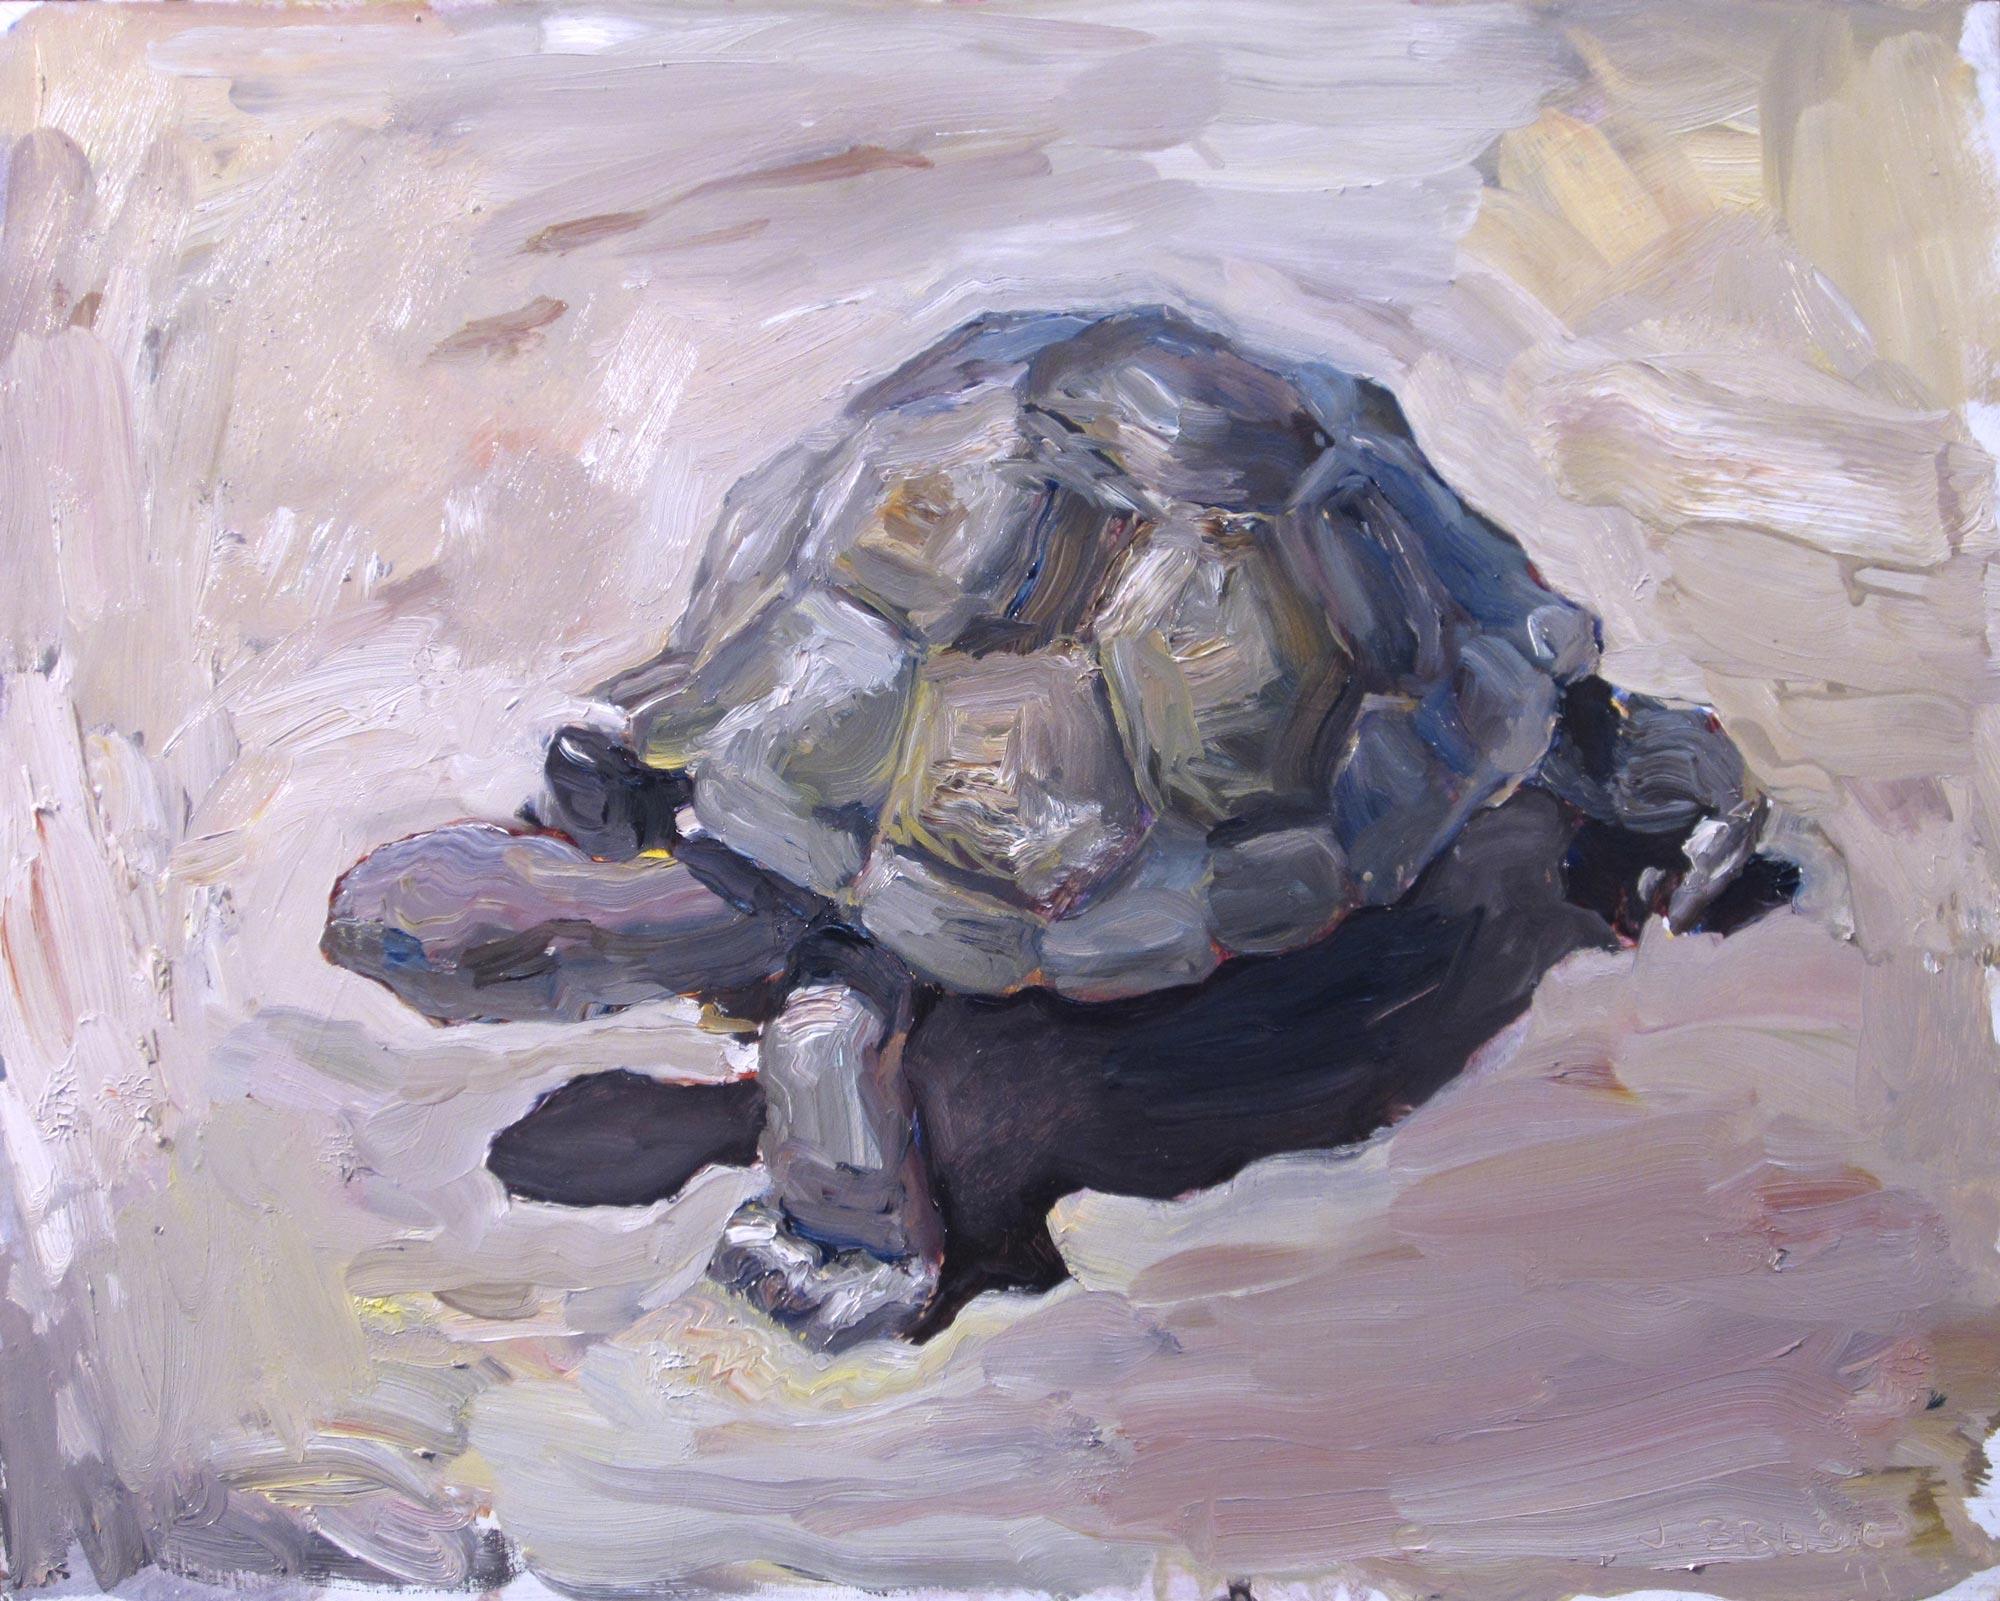 Desert Tortoise, 18 x 24, oil on panel, 2012